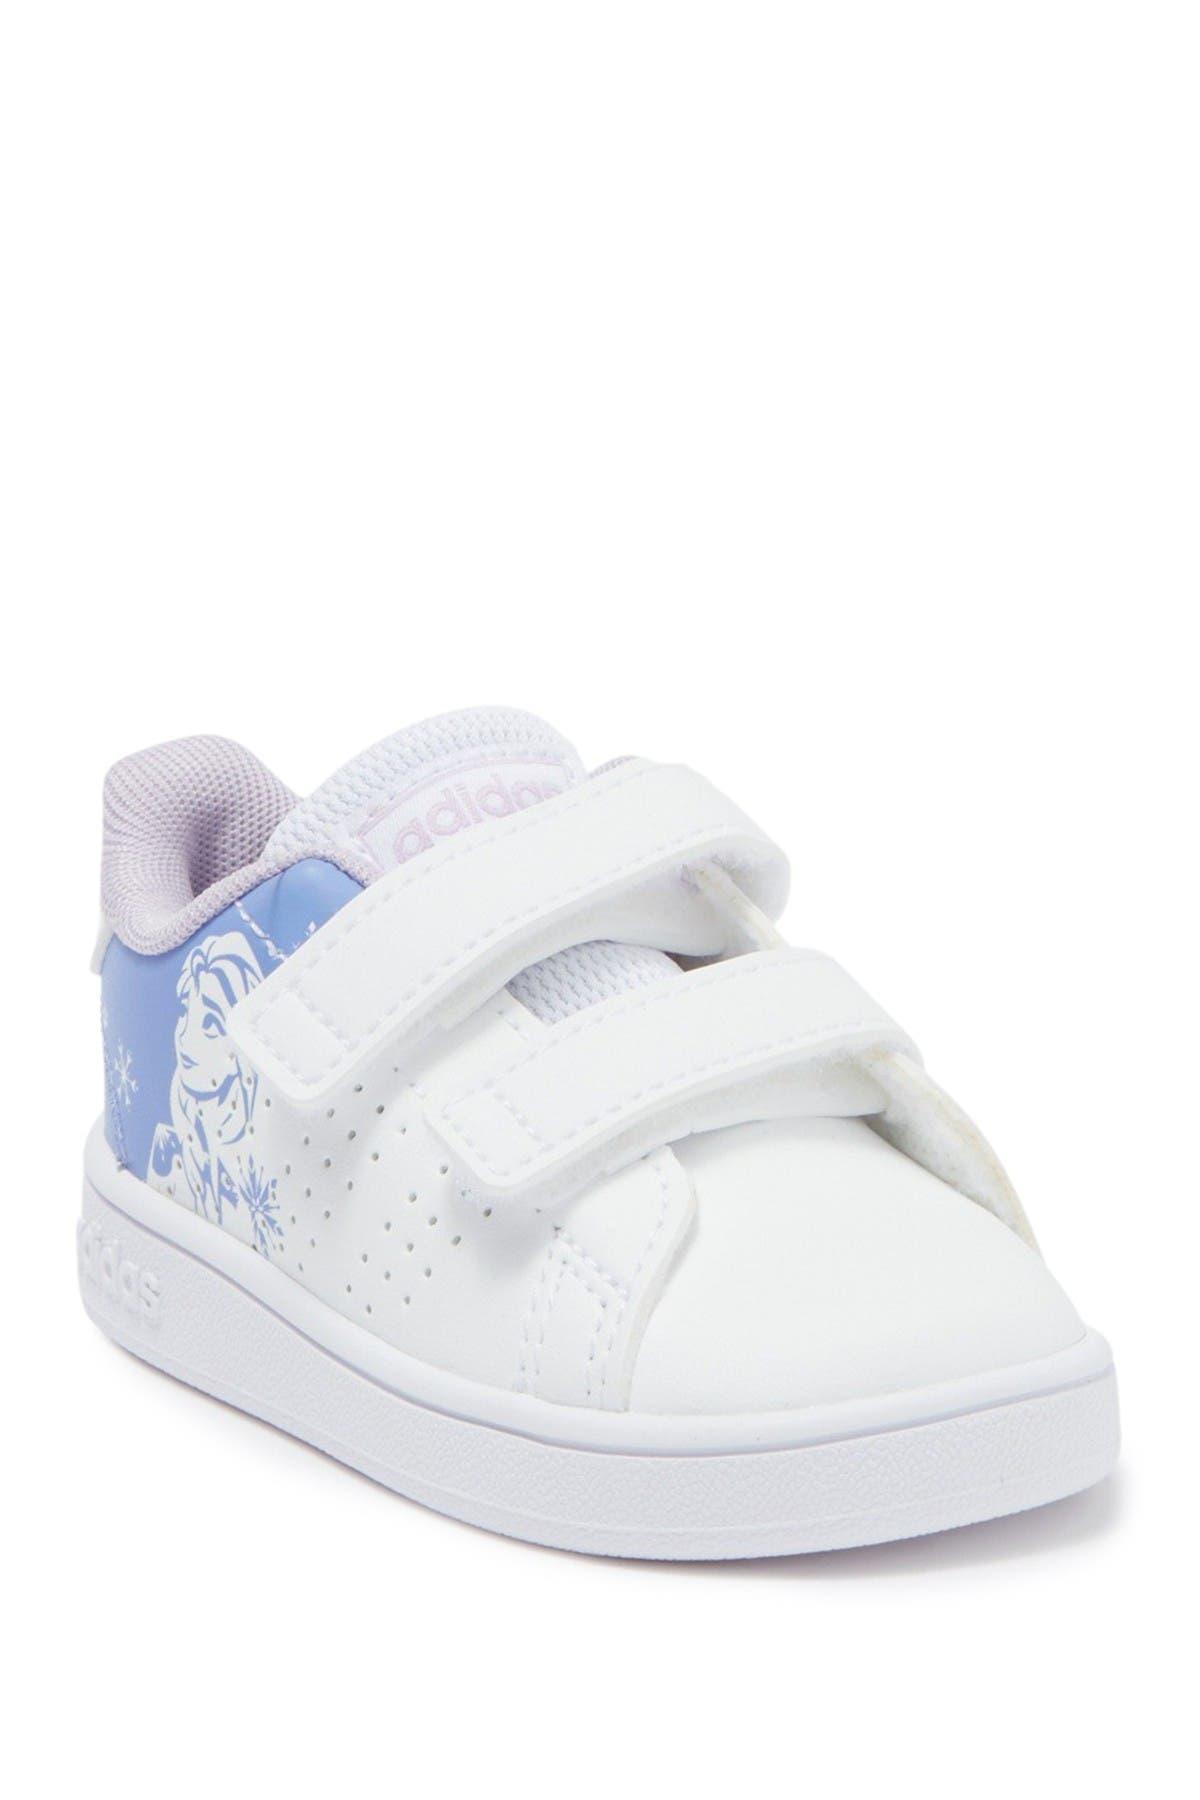 Image of adidas Advantage I Shoe